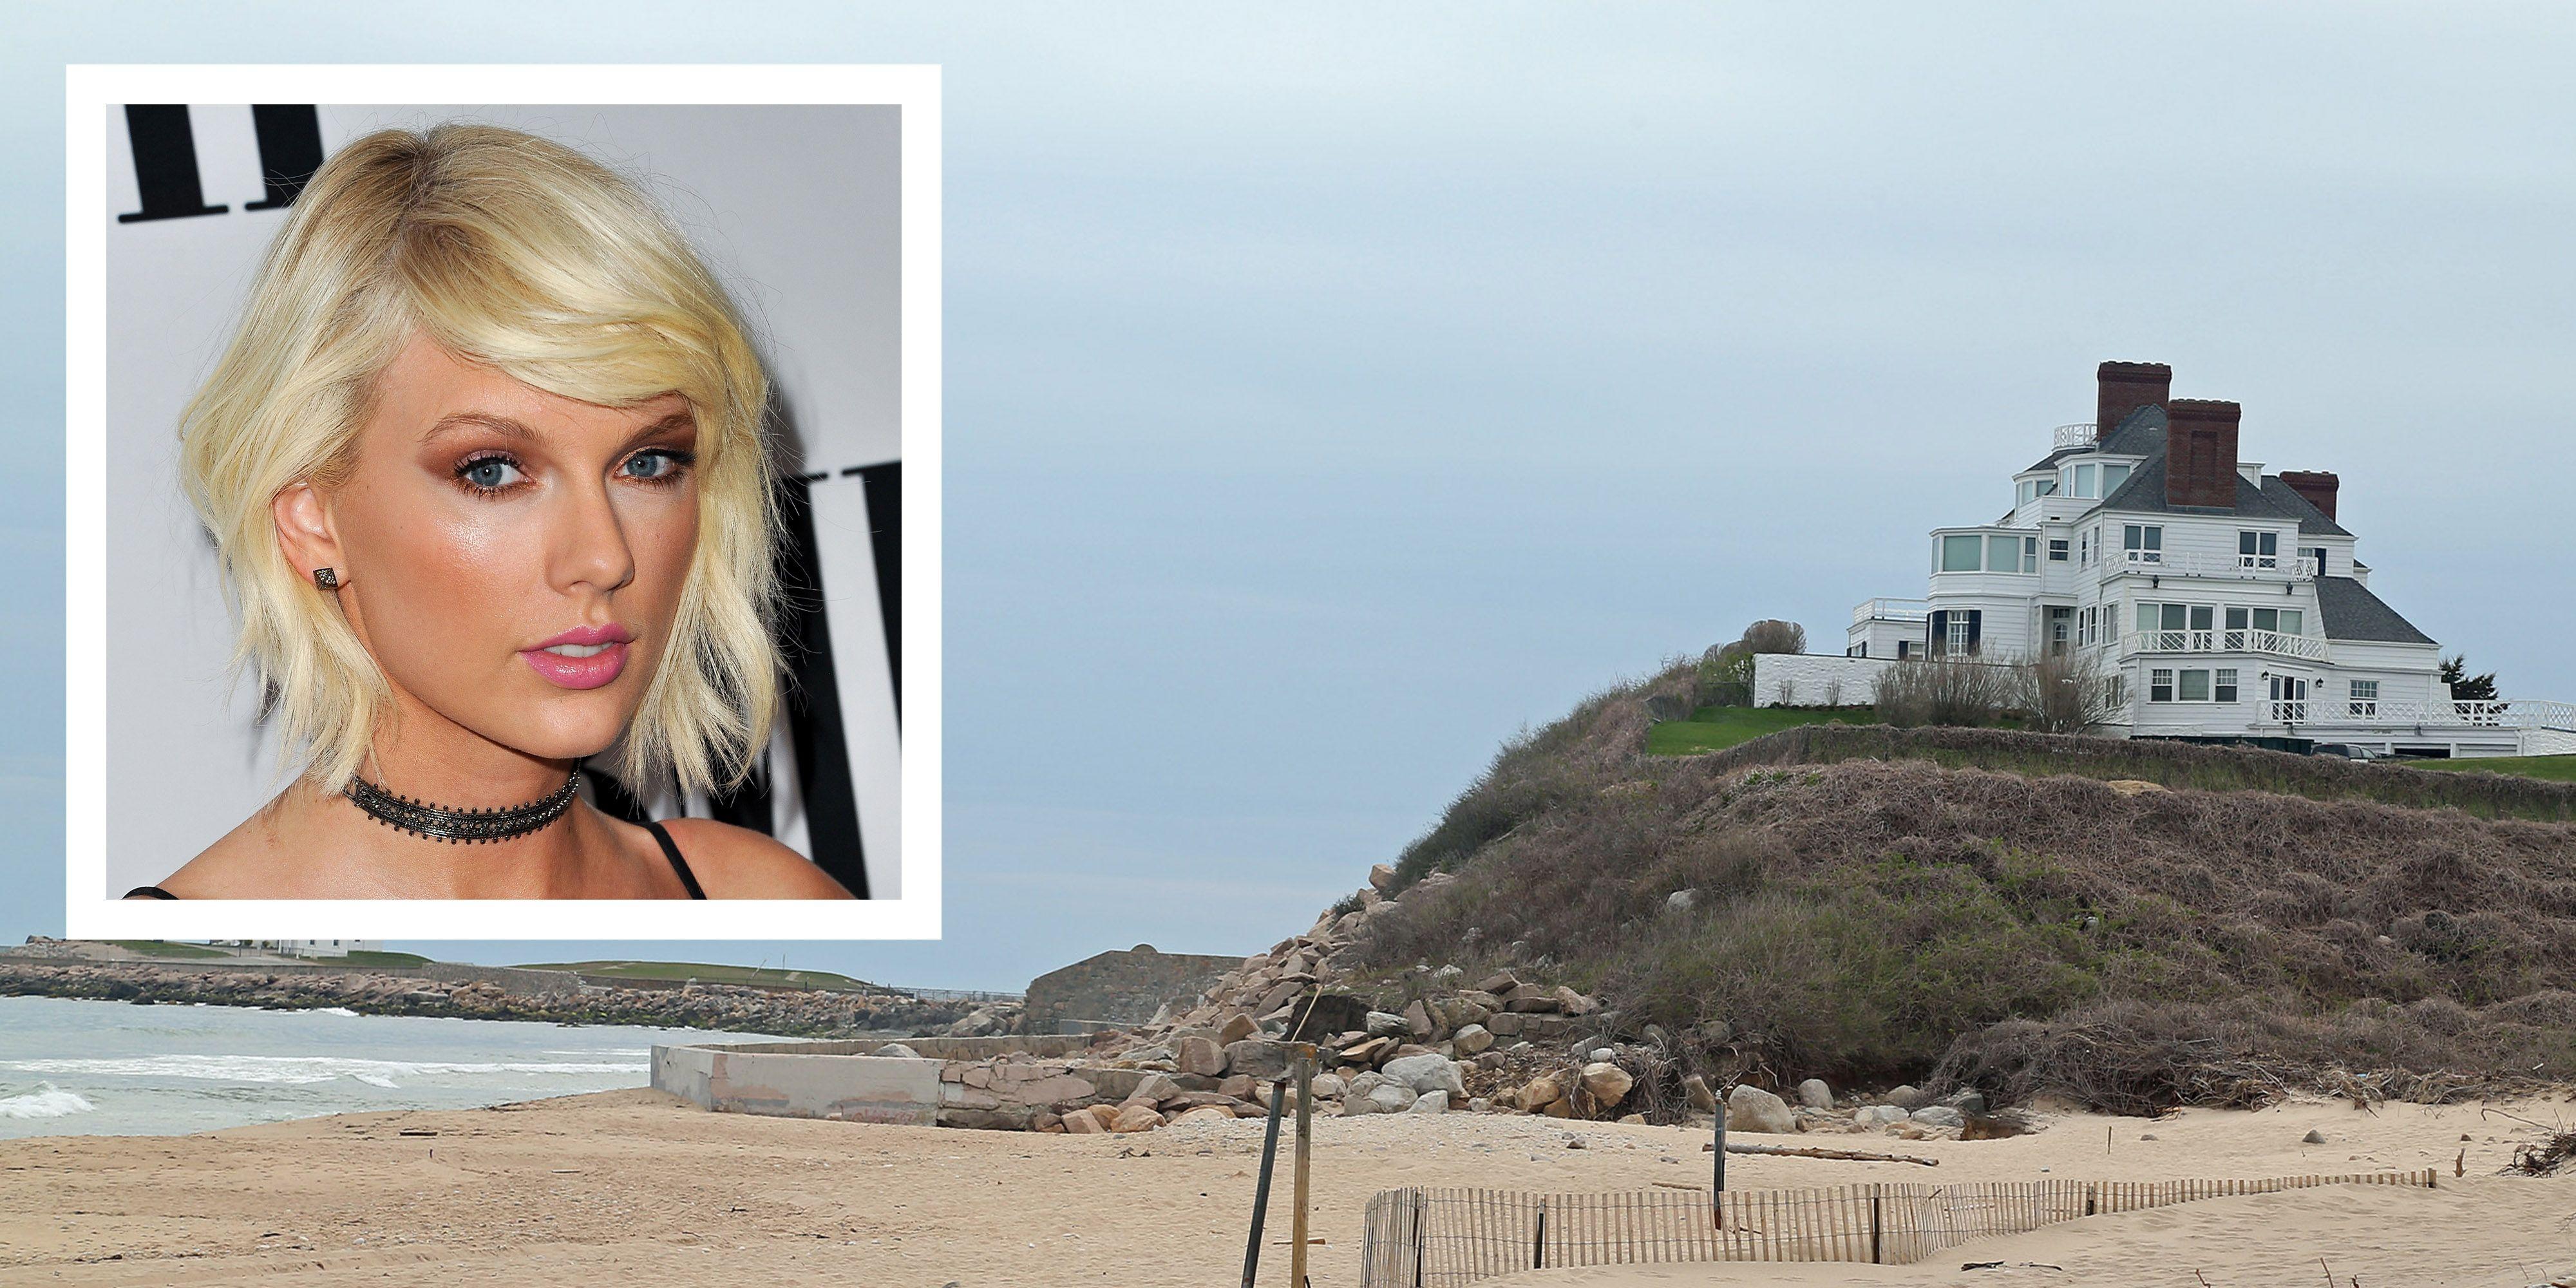 Taylor Swift Watch Hill Beach Watch Hill Beaches